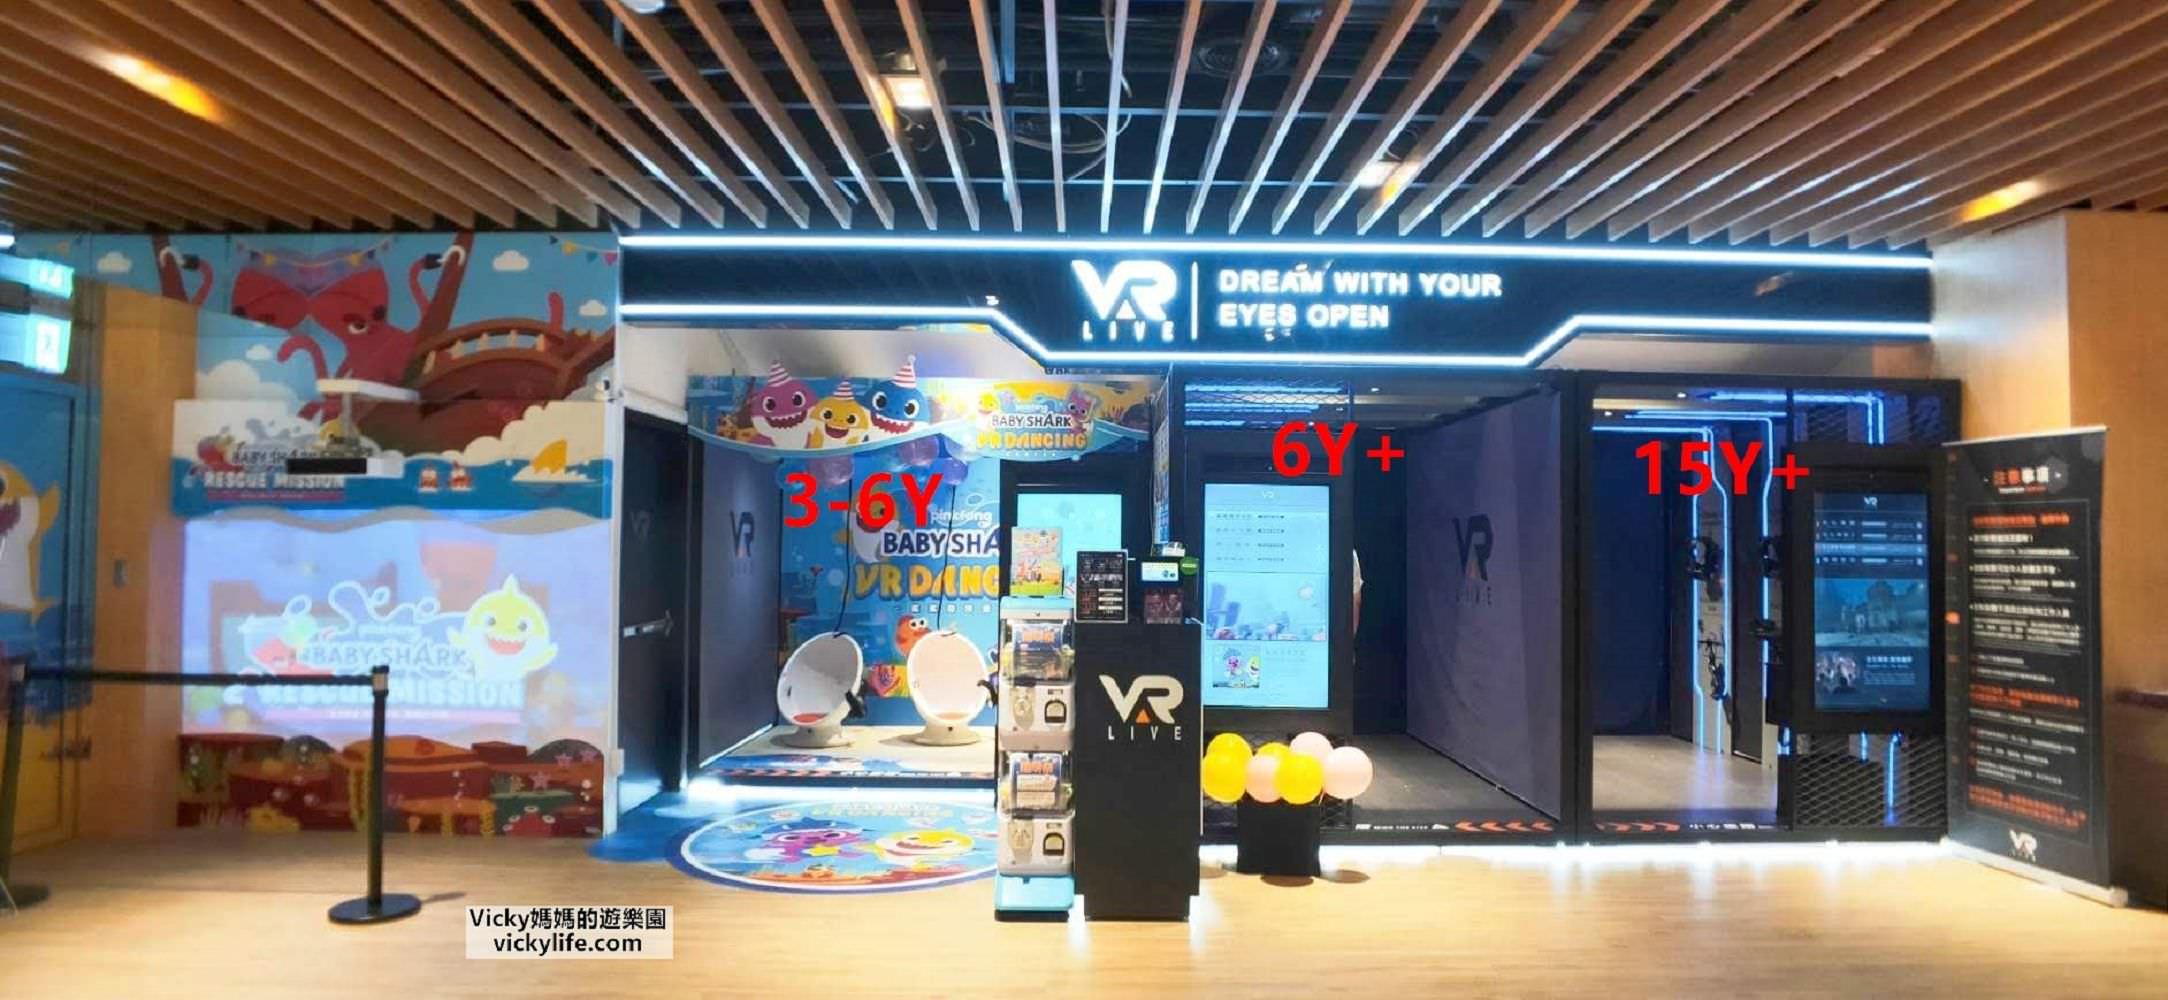 VAR LIVE TW︱全球獨家首款VR遊戲Baby Shark鯊鯊海洋派對+搶救大作戰:現正推出玩到飽方案,快到悅誠廣場享受親子同樂